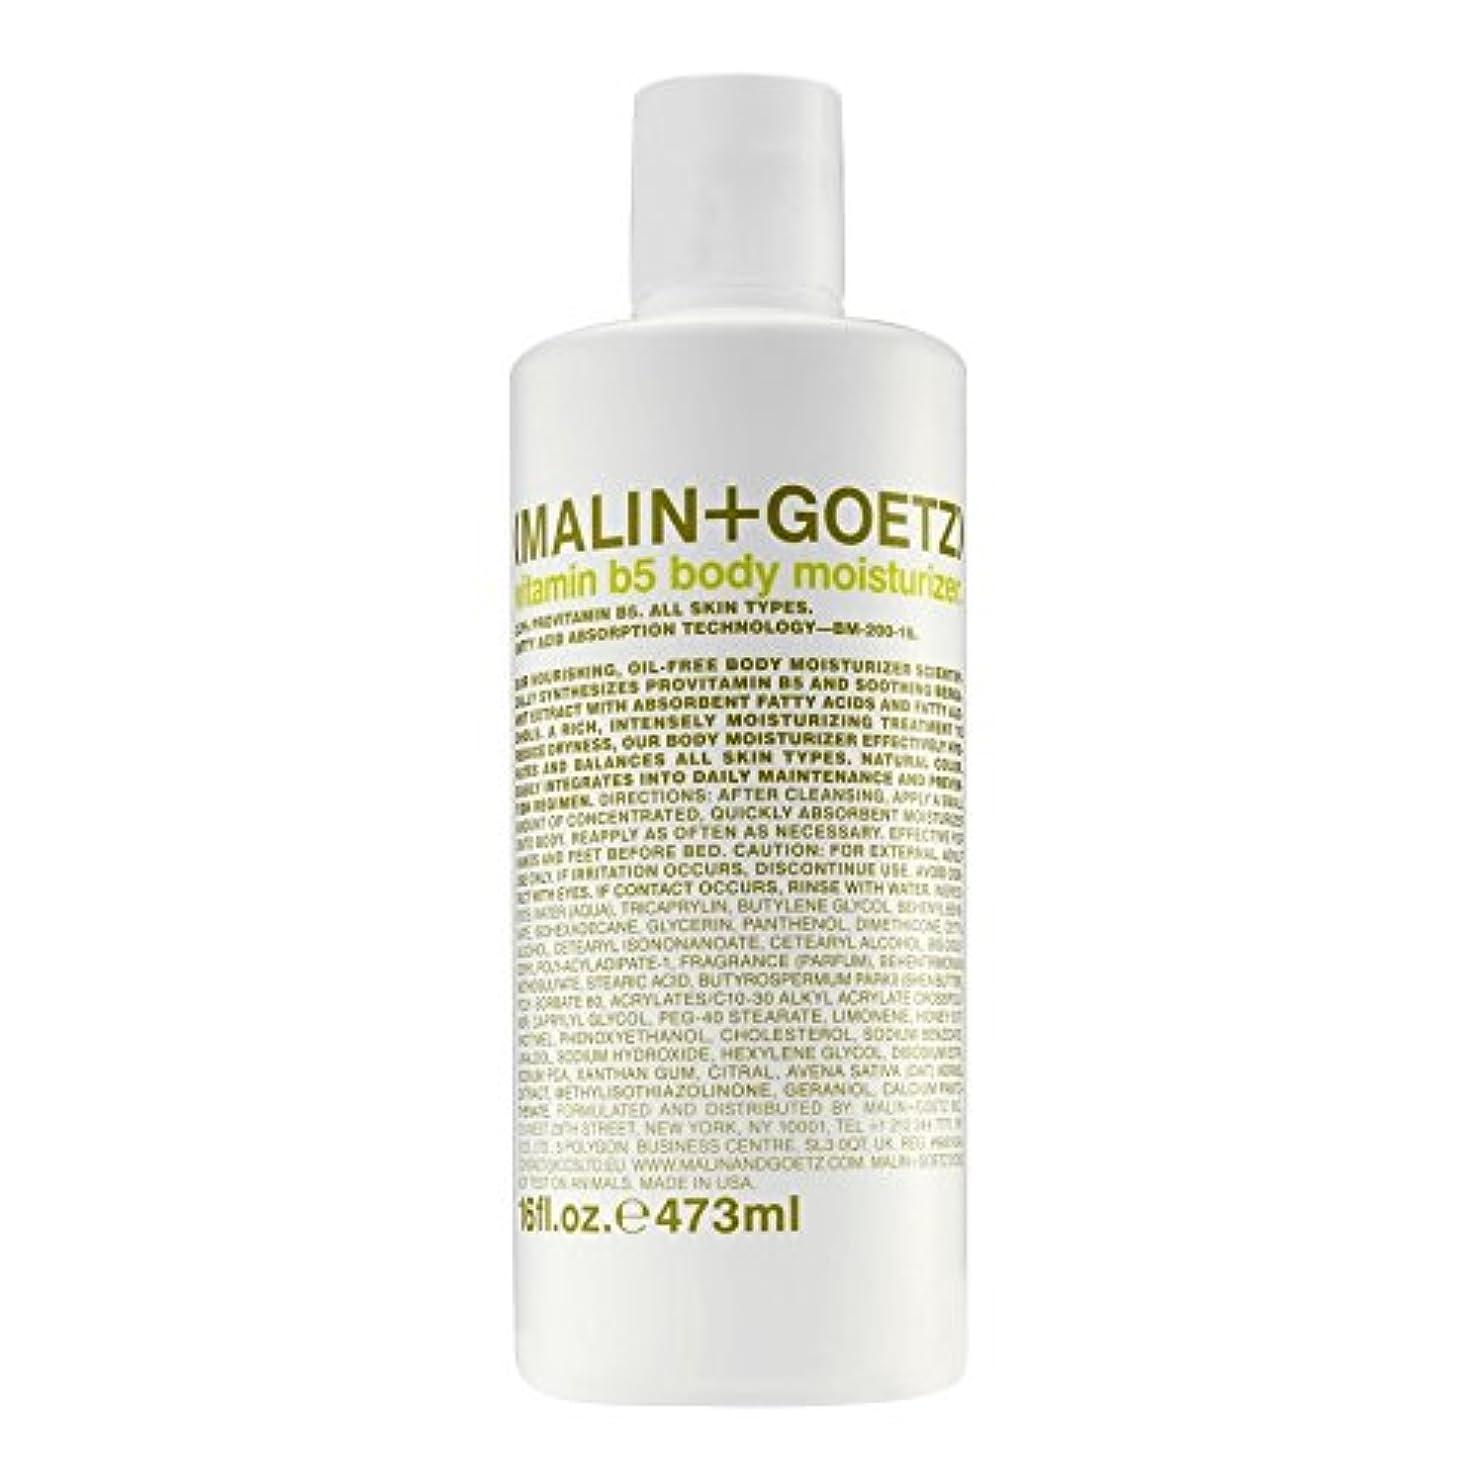 誓約高価な交通渋滞MALIN+GOETZ Vitamin B5 Body Moisturiser 473ml (Pack of 6) - マリン+ゲッツビタミン5ボディモイスチャライザーの473ミリリットル x6 [並行輸入品]